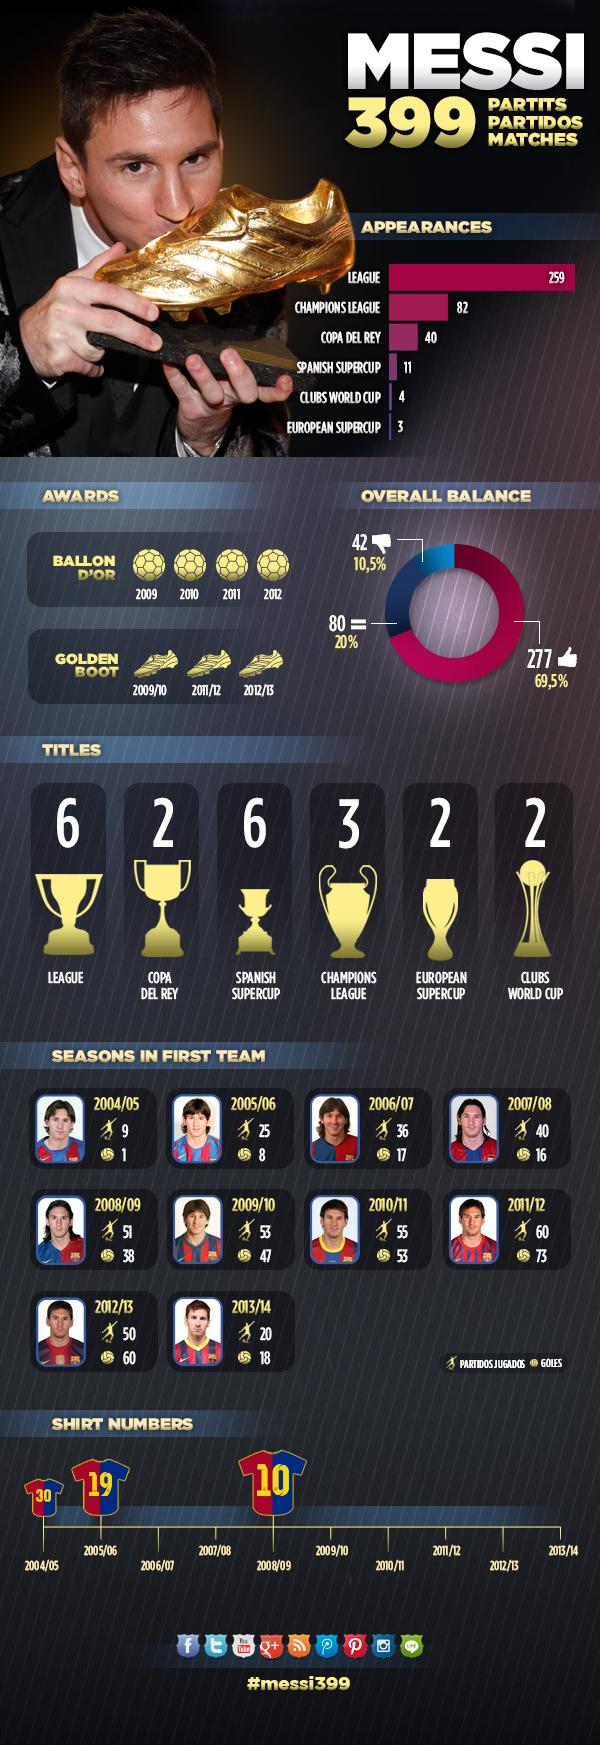 Infogràfic Messi 399 partits